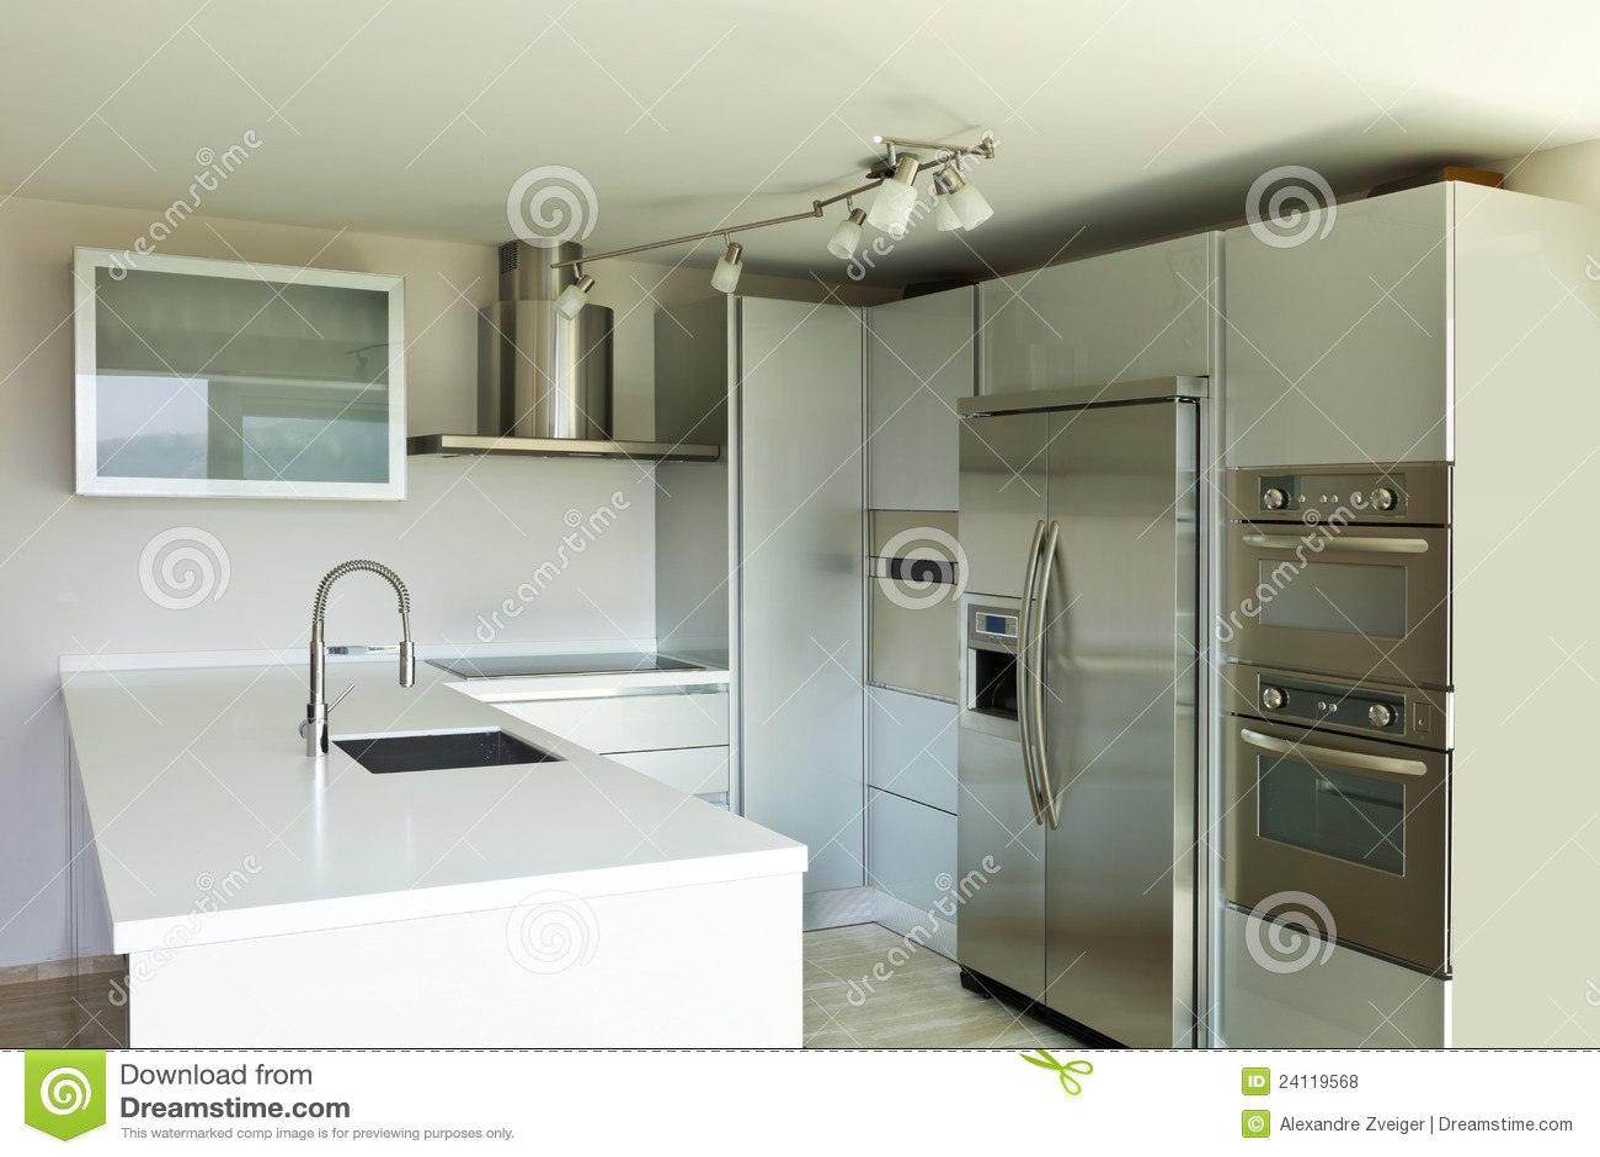 Casa moderna isla de cocina - Cocinas islas modernas ...